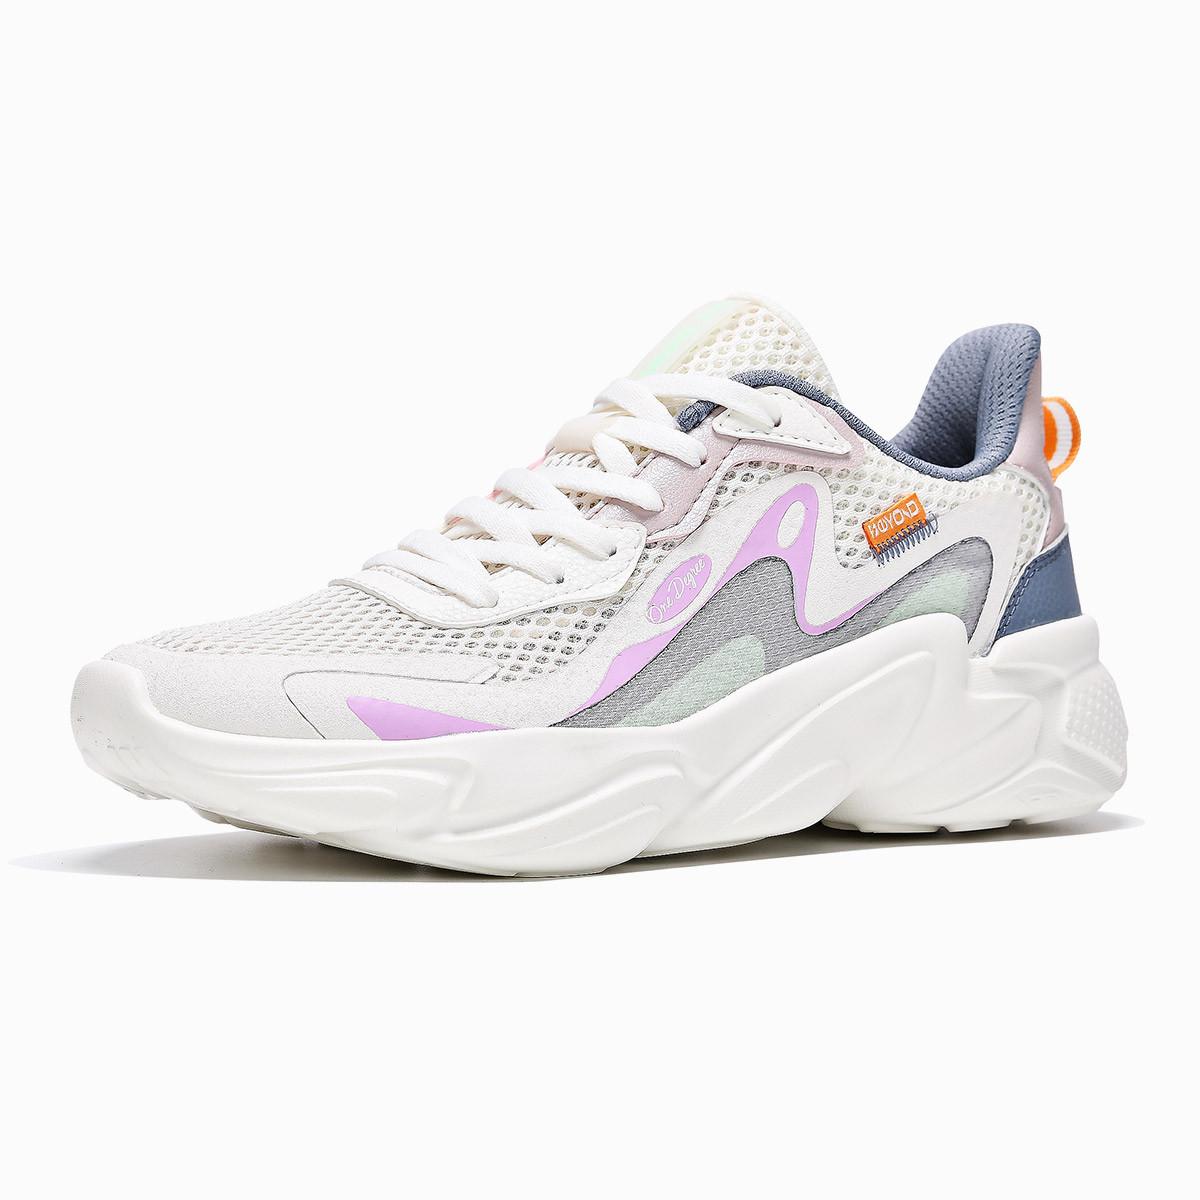 新品轻便缓震女式运动鞋女鞋跑步鞋